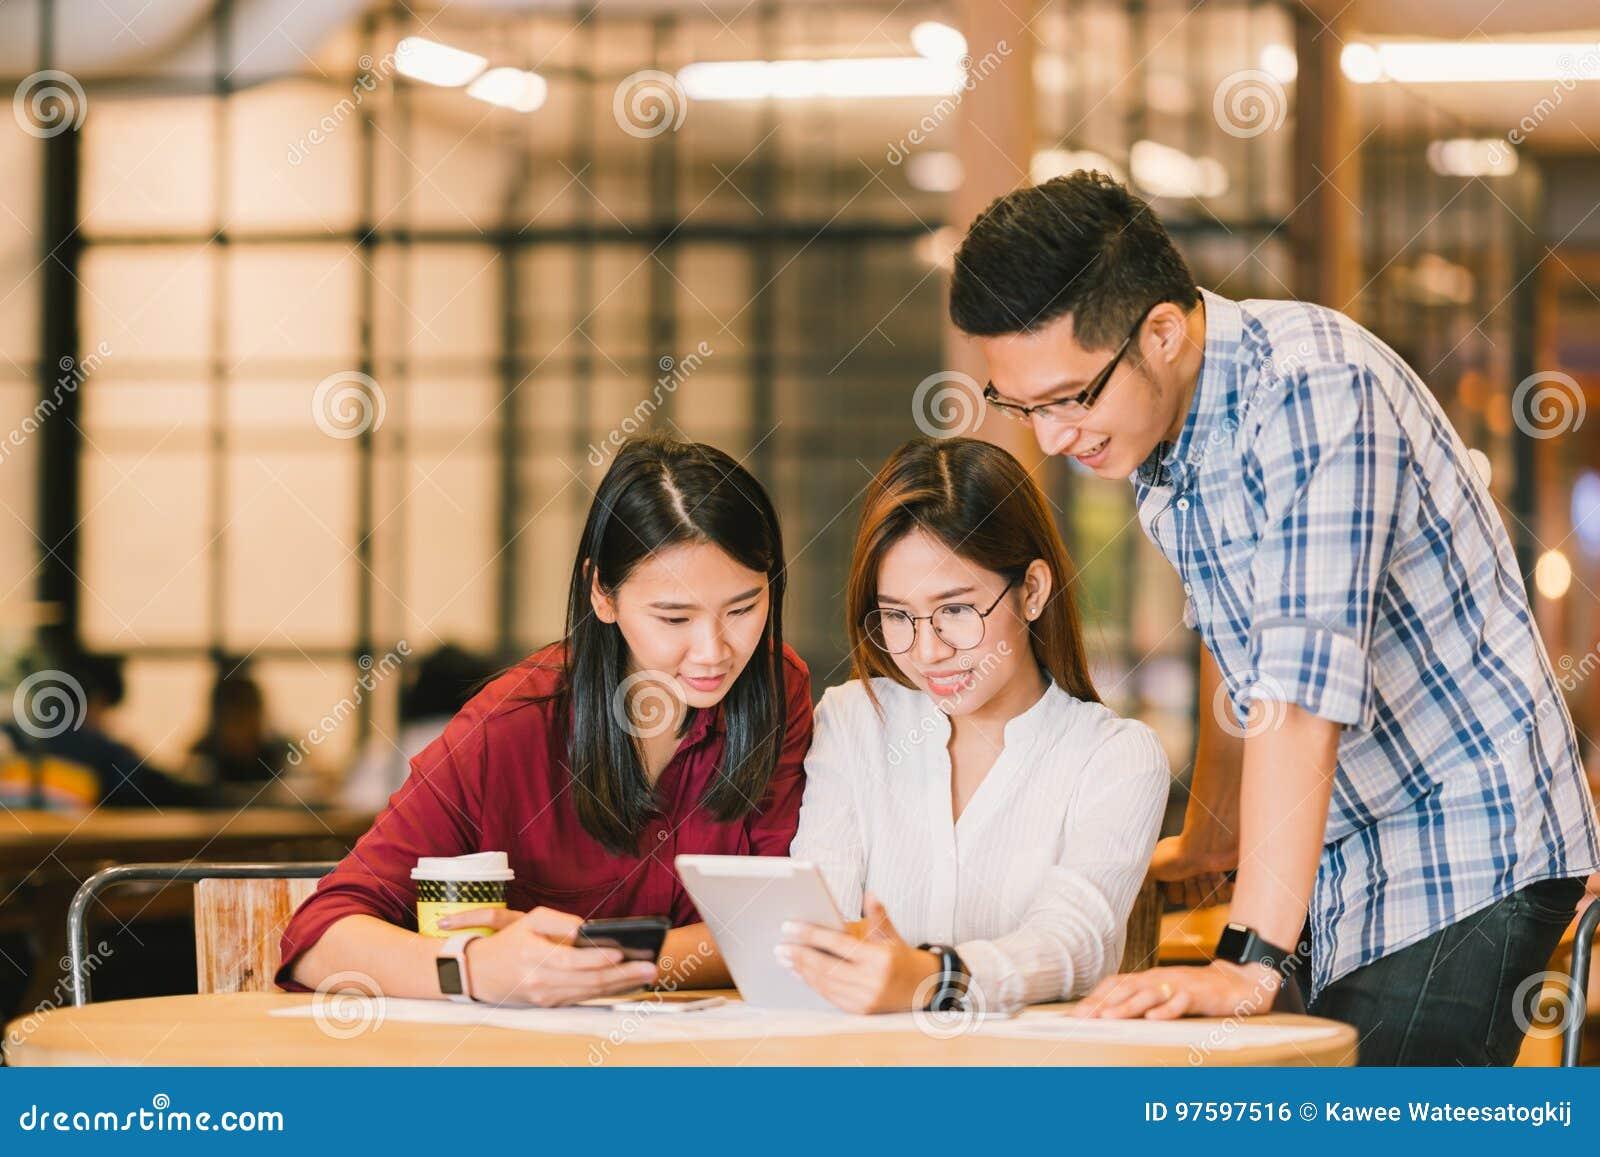 Estudantes universitário ou colegas de trabalho asiáticos que usam a tabuleta e o smartphone digitais junto na cafetaria